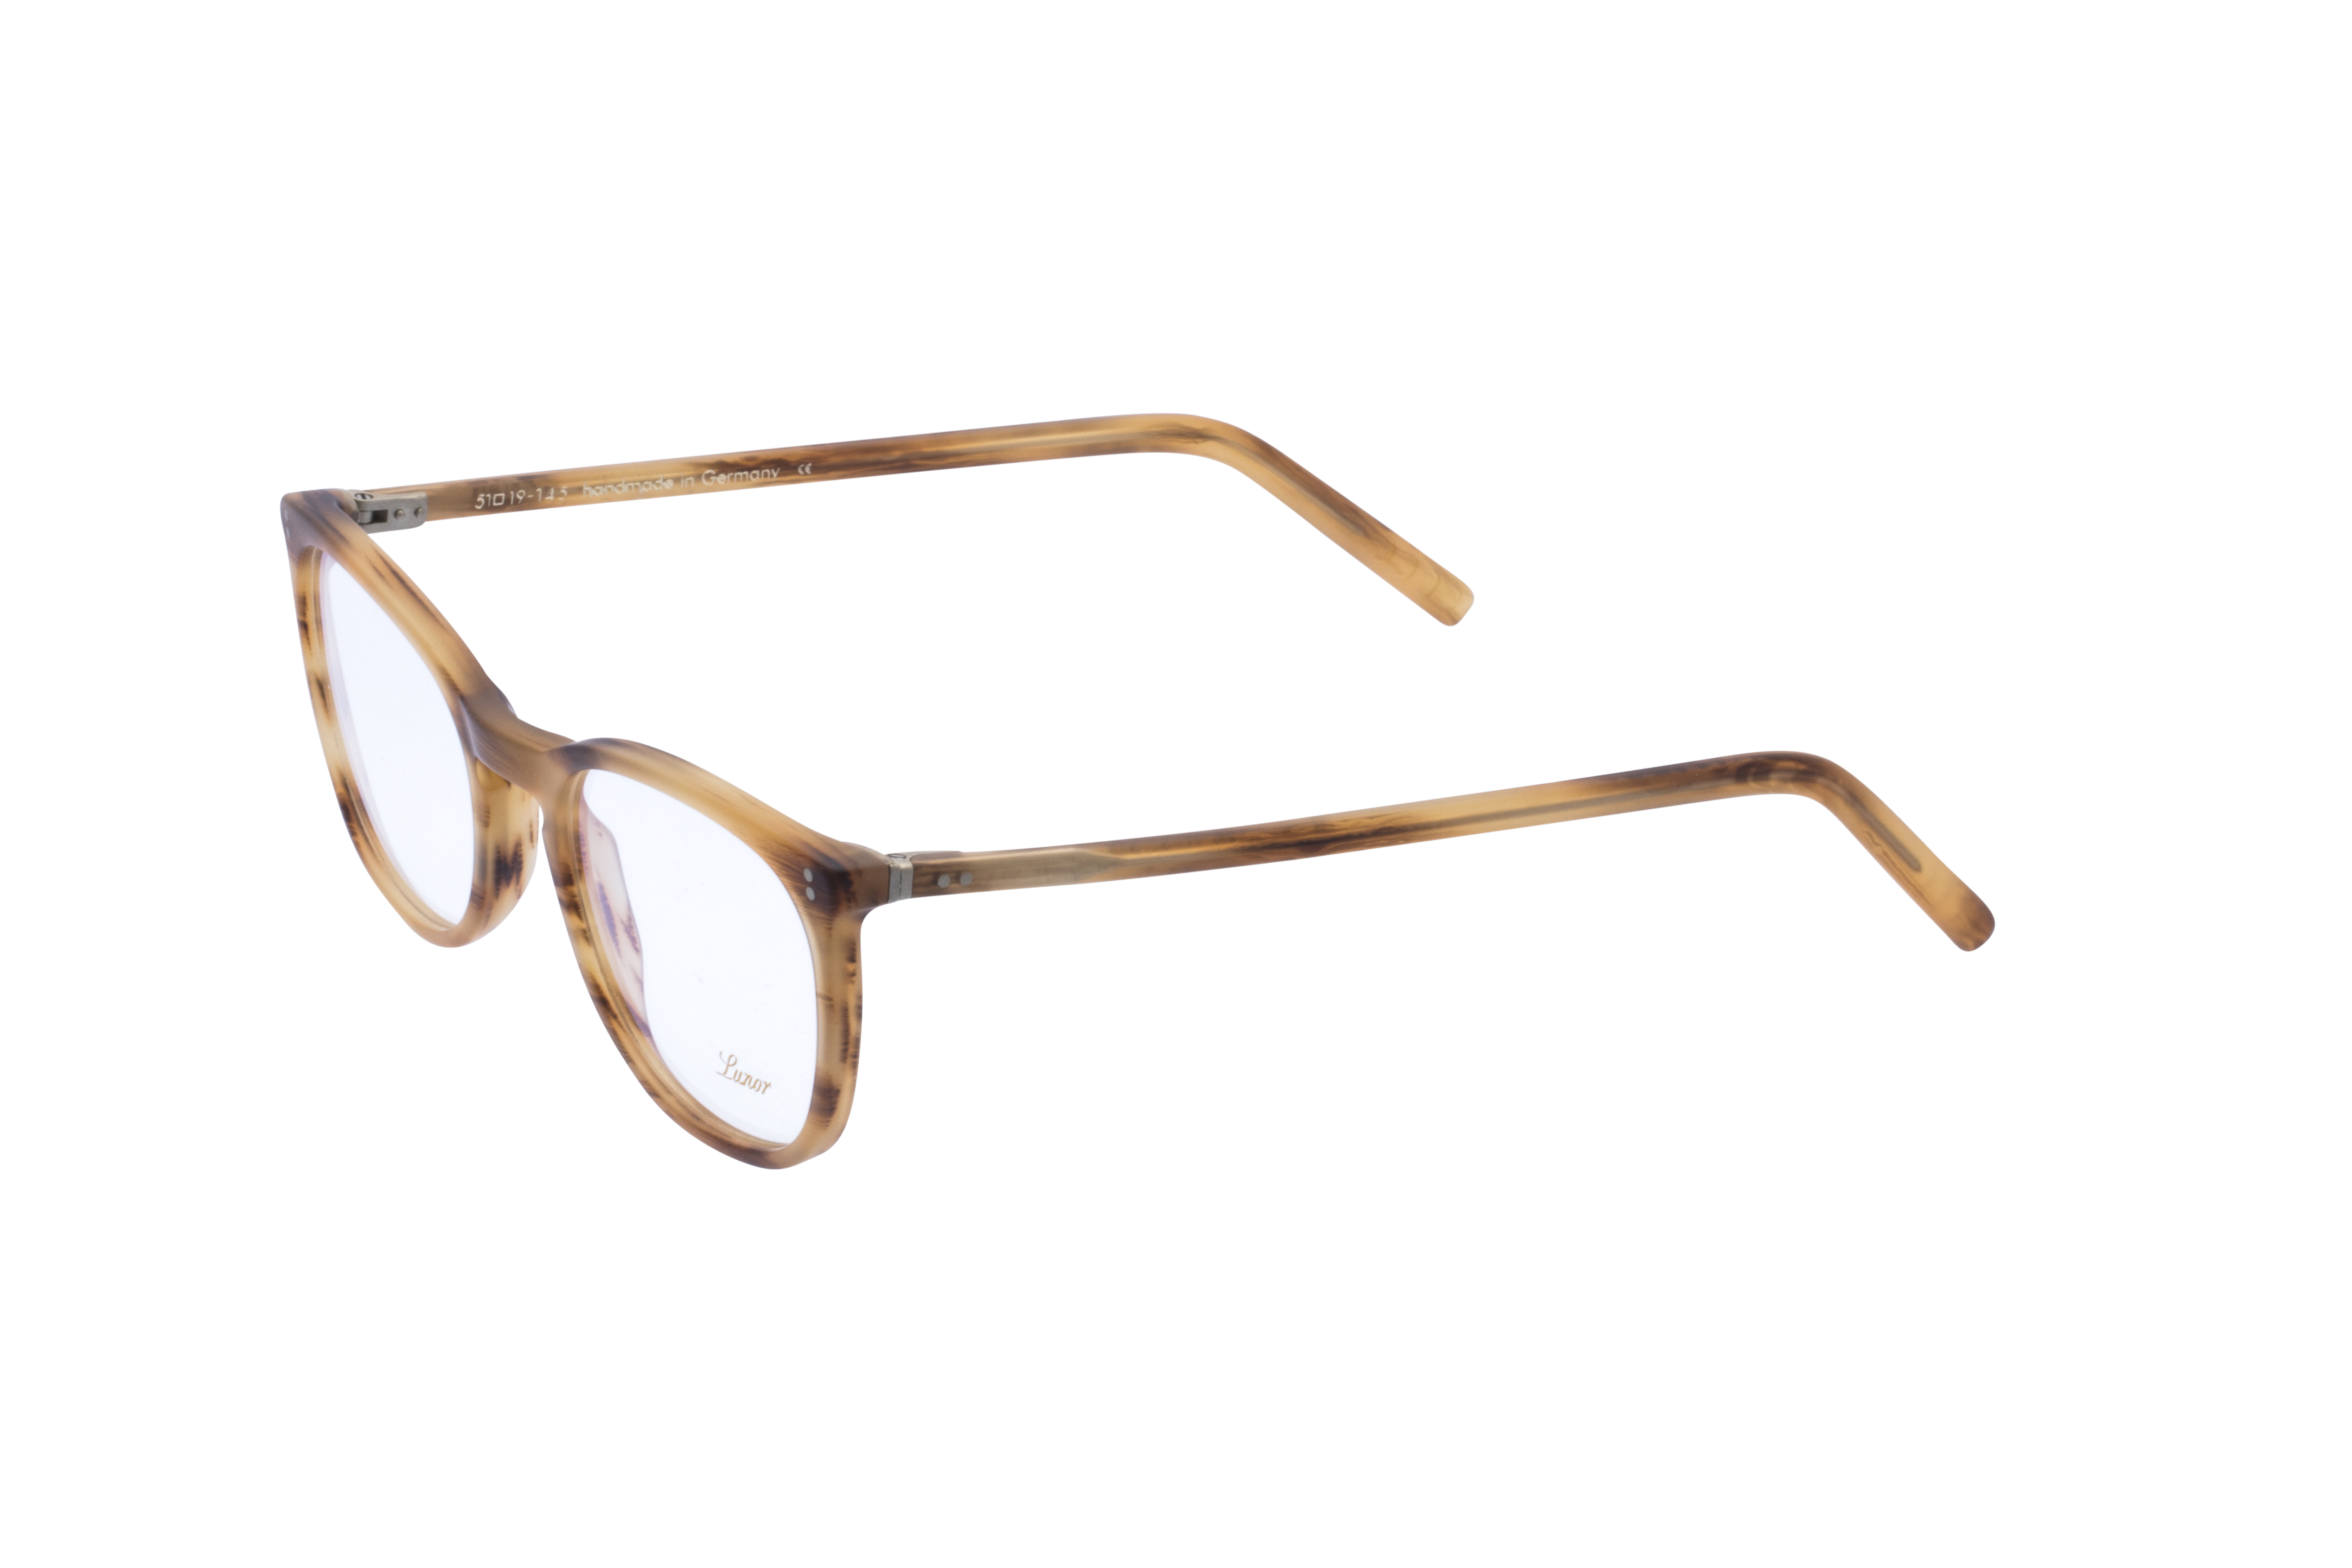 360 Grad Ansicht 20 Lunor 312, Brille auf Weiß - Fassung bei KUNK